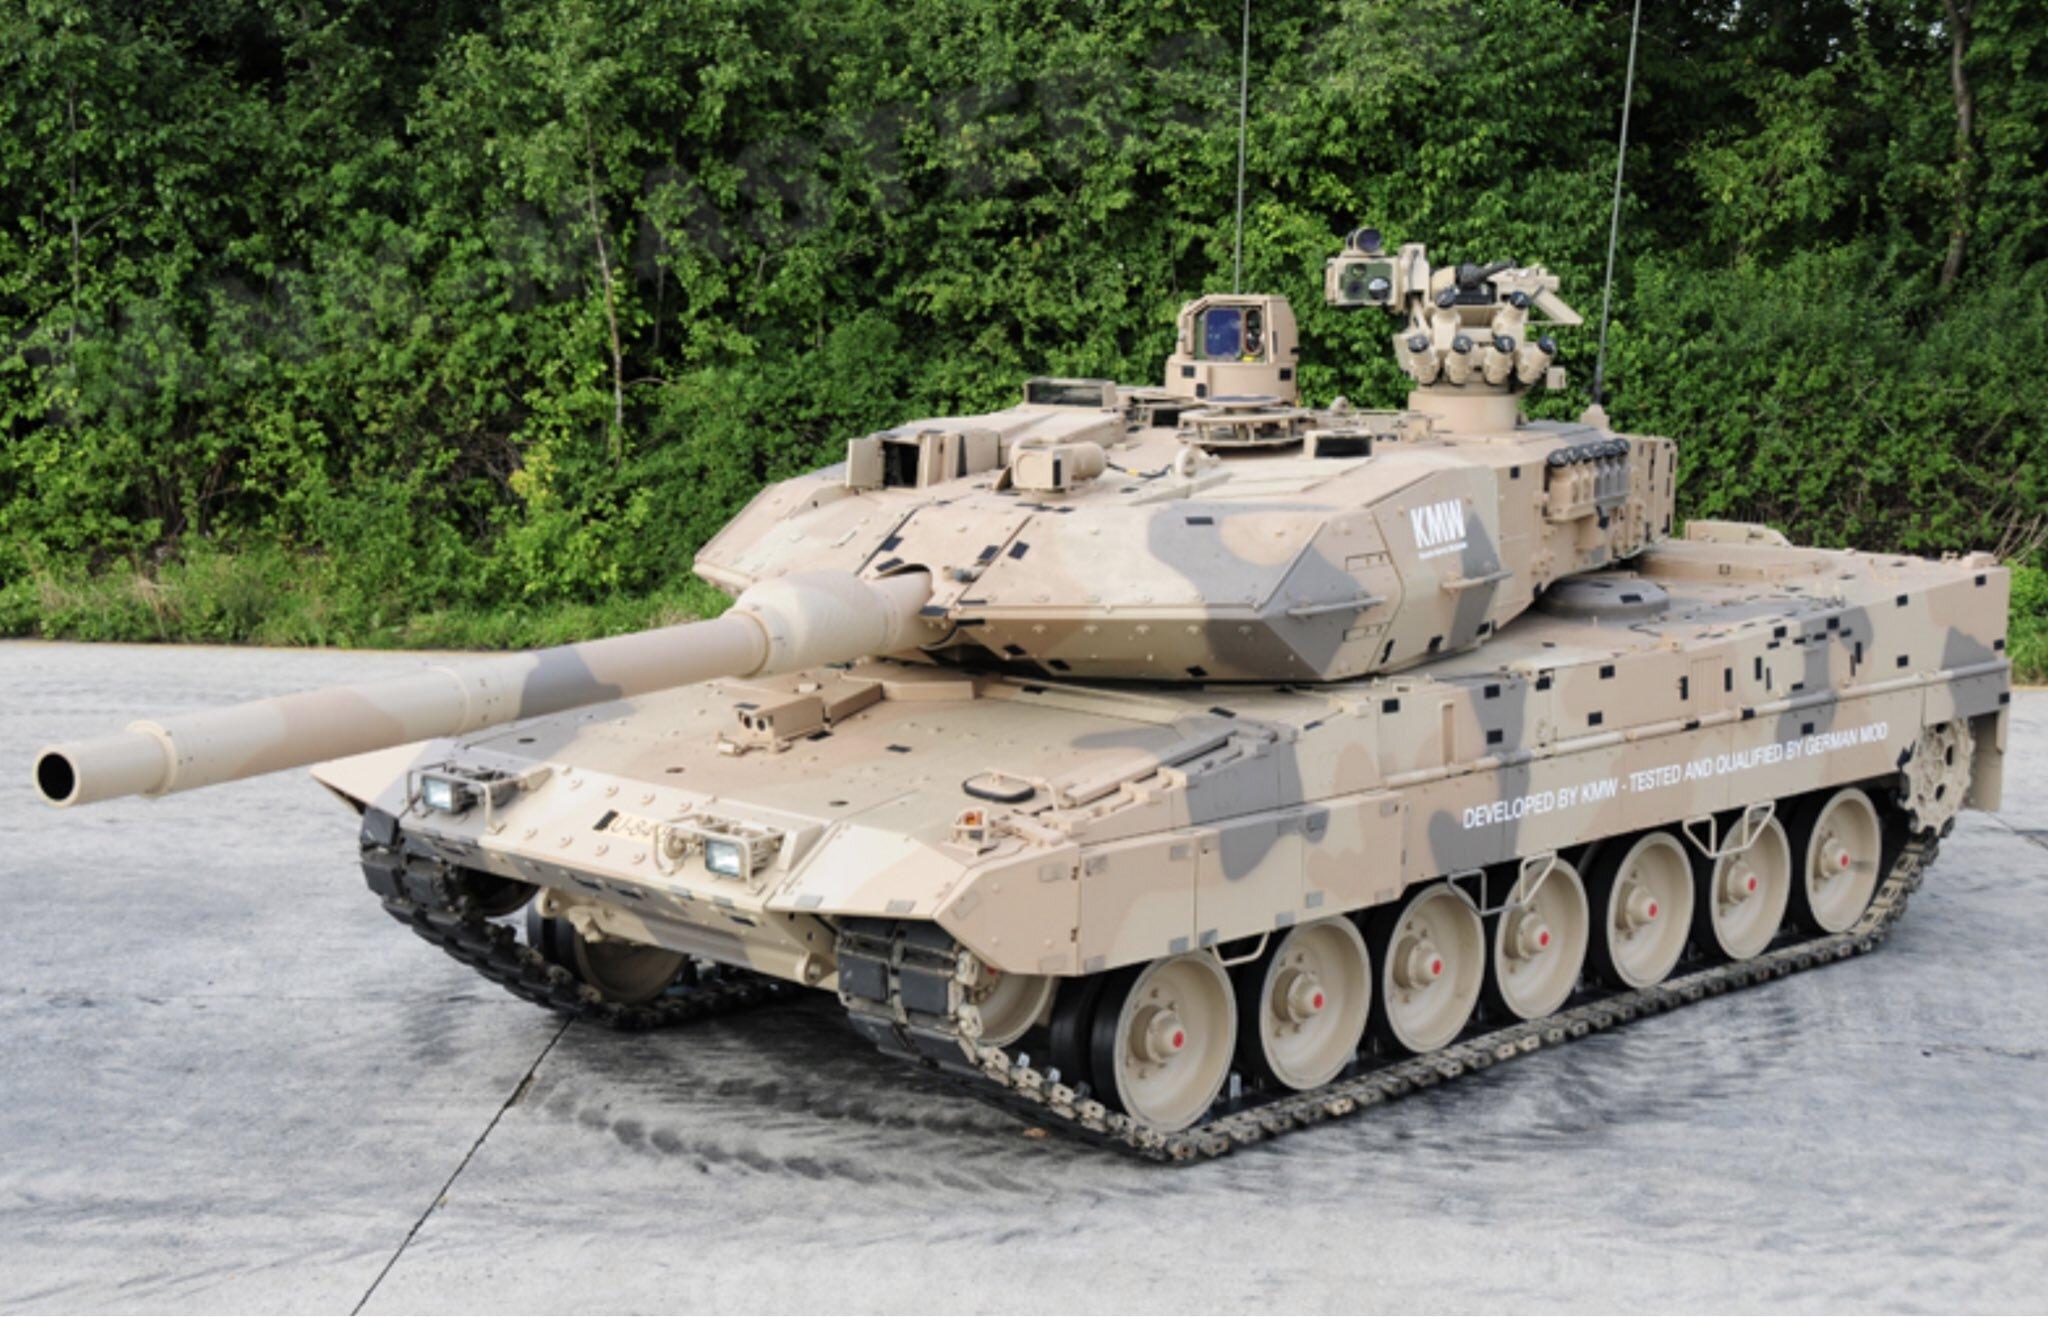 Немецкие танки потеряют в скорости и проходимости из-за новой системы защиты